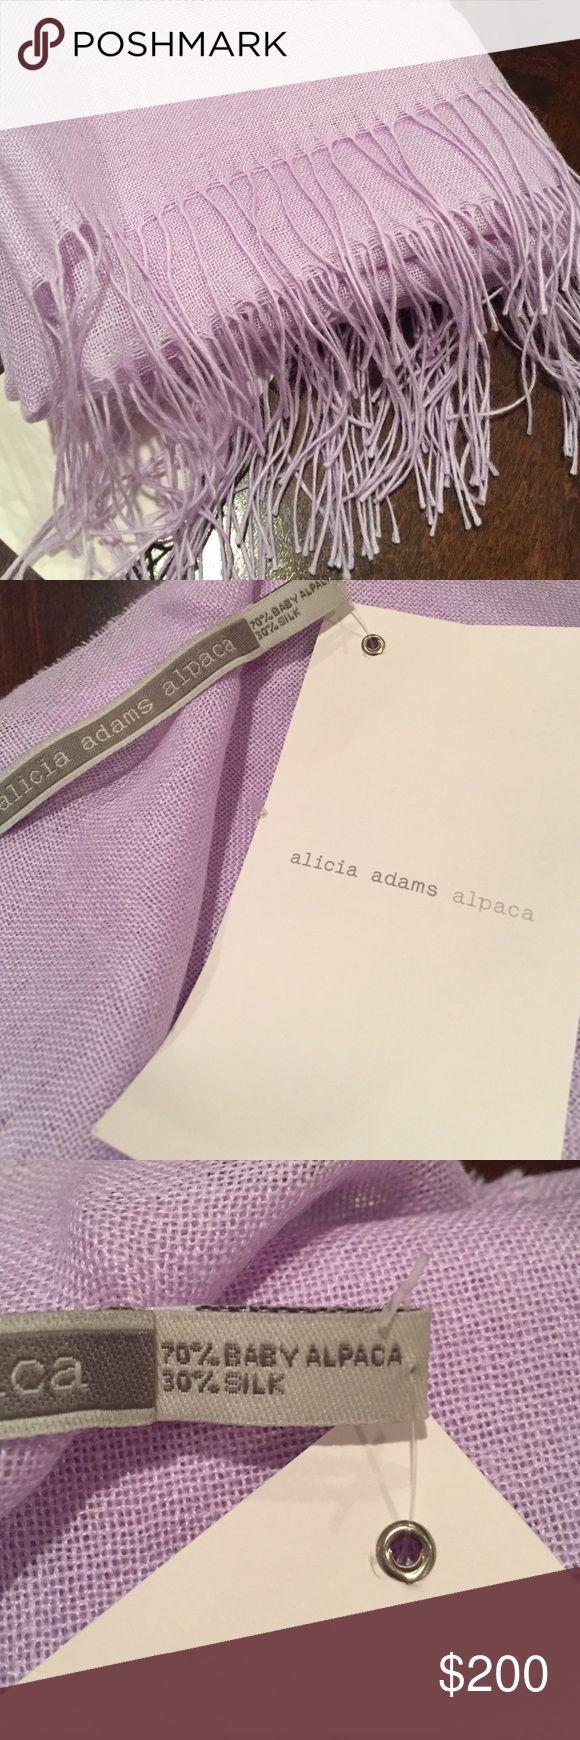 Alicia Adams Alpaca lavender scarf w/ fringe Aicia Adams Alpaca blanket lavender scarf. New with tags. 70% baby alpaca, 30% silk. Thin weave. Examples on alicia adams website. Alicia Adams Alpaca Accessories Scarves & Wraps